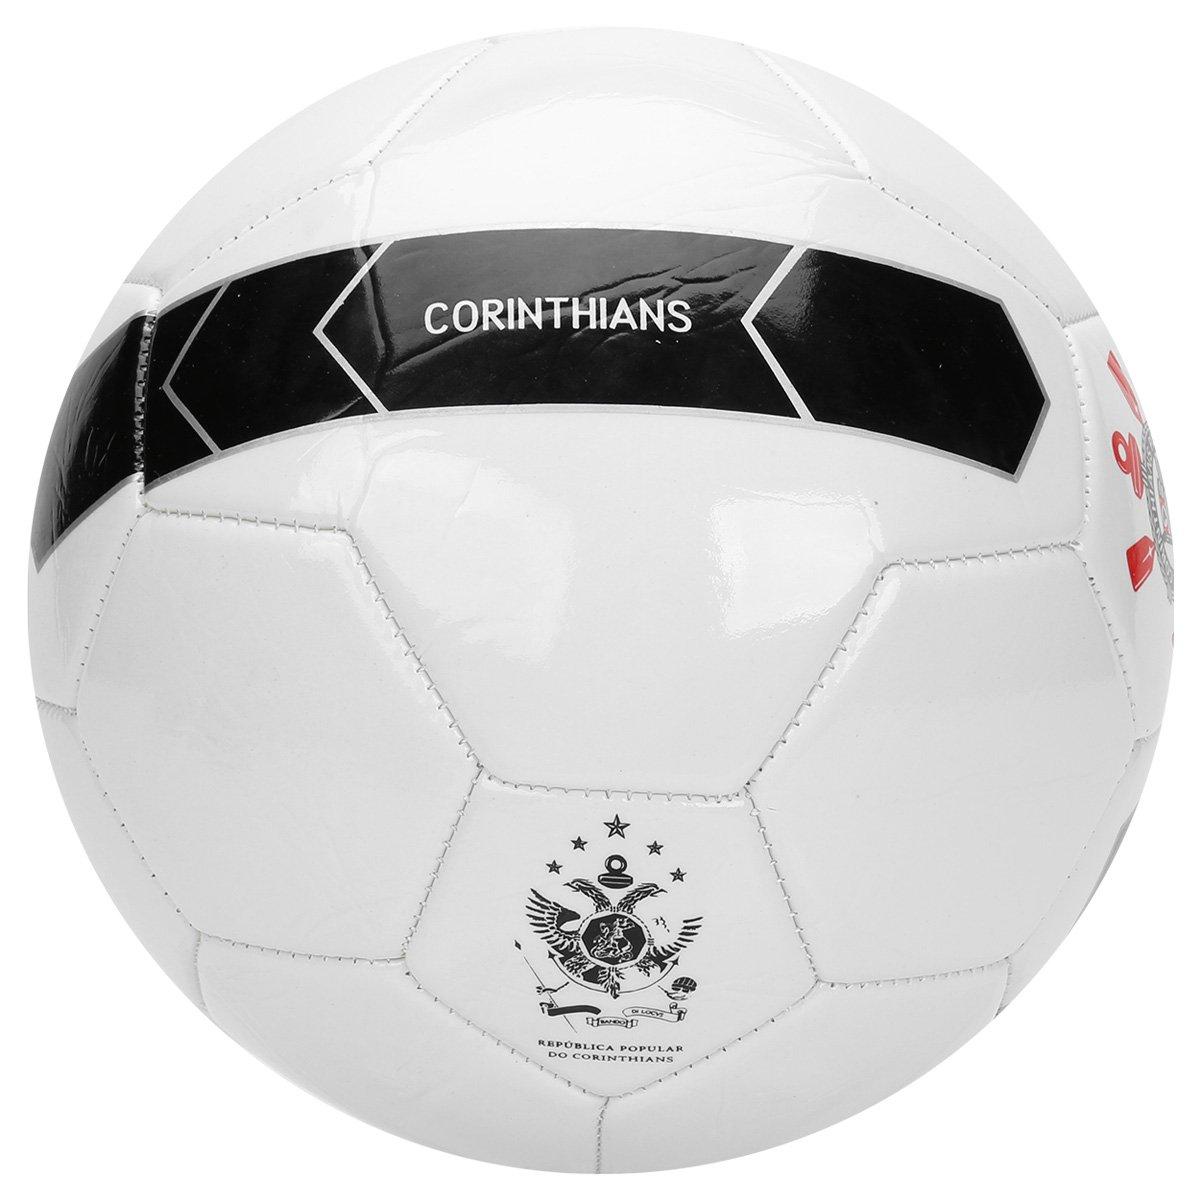 Bola Futebol Campo Corinthians Timão  Bola Futebol Campo Corinthians Timão b4d4640dedb7a